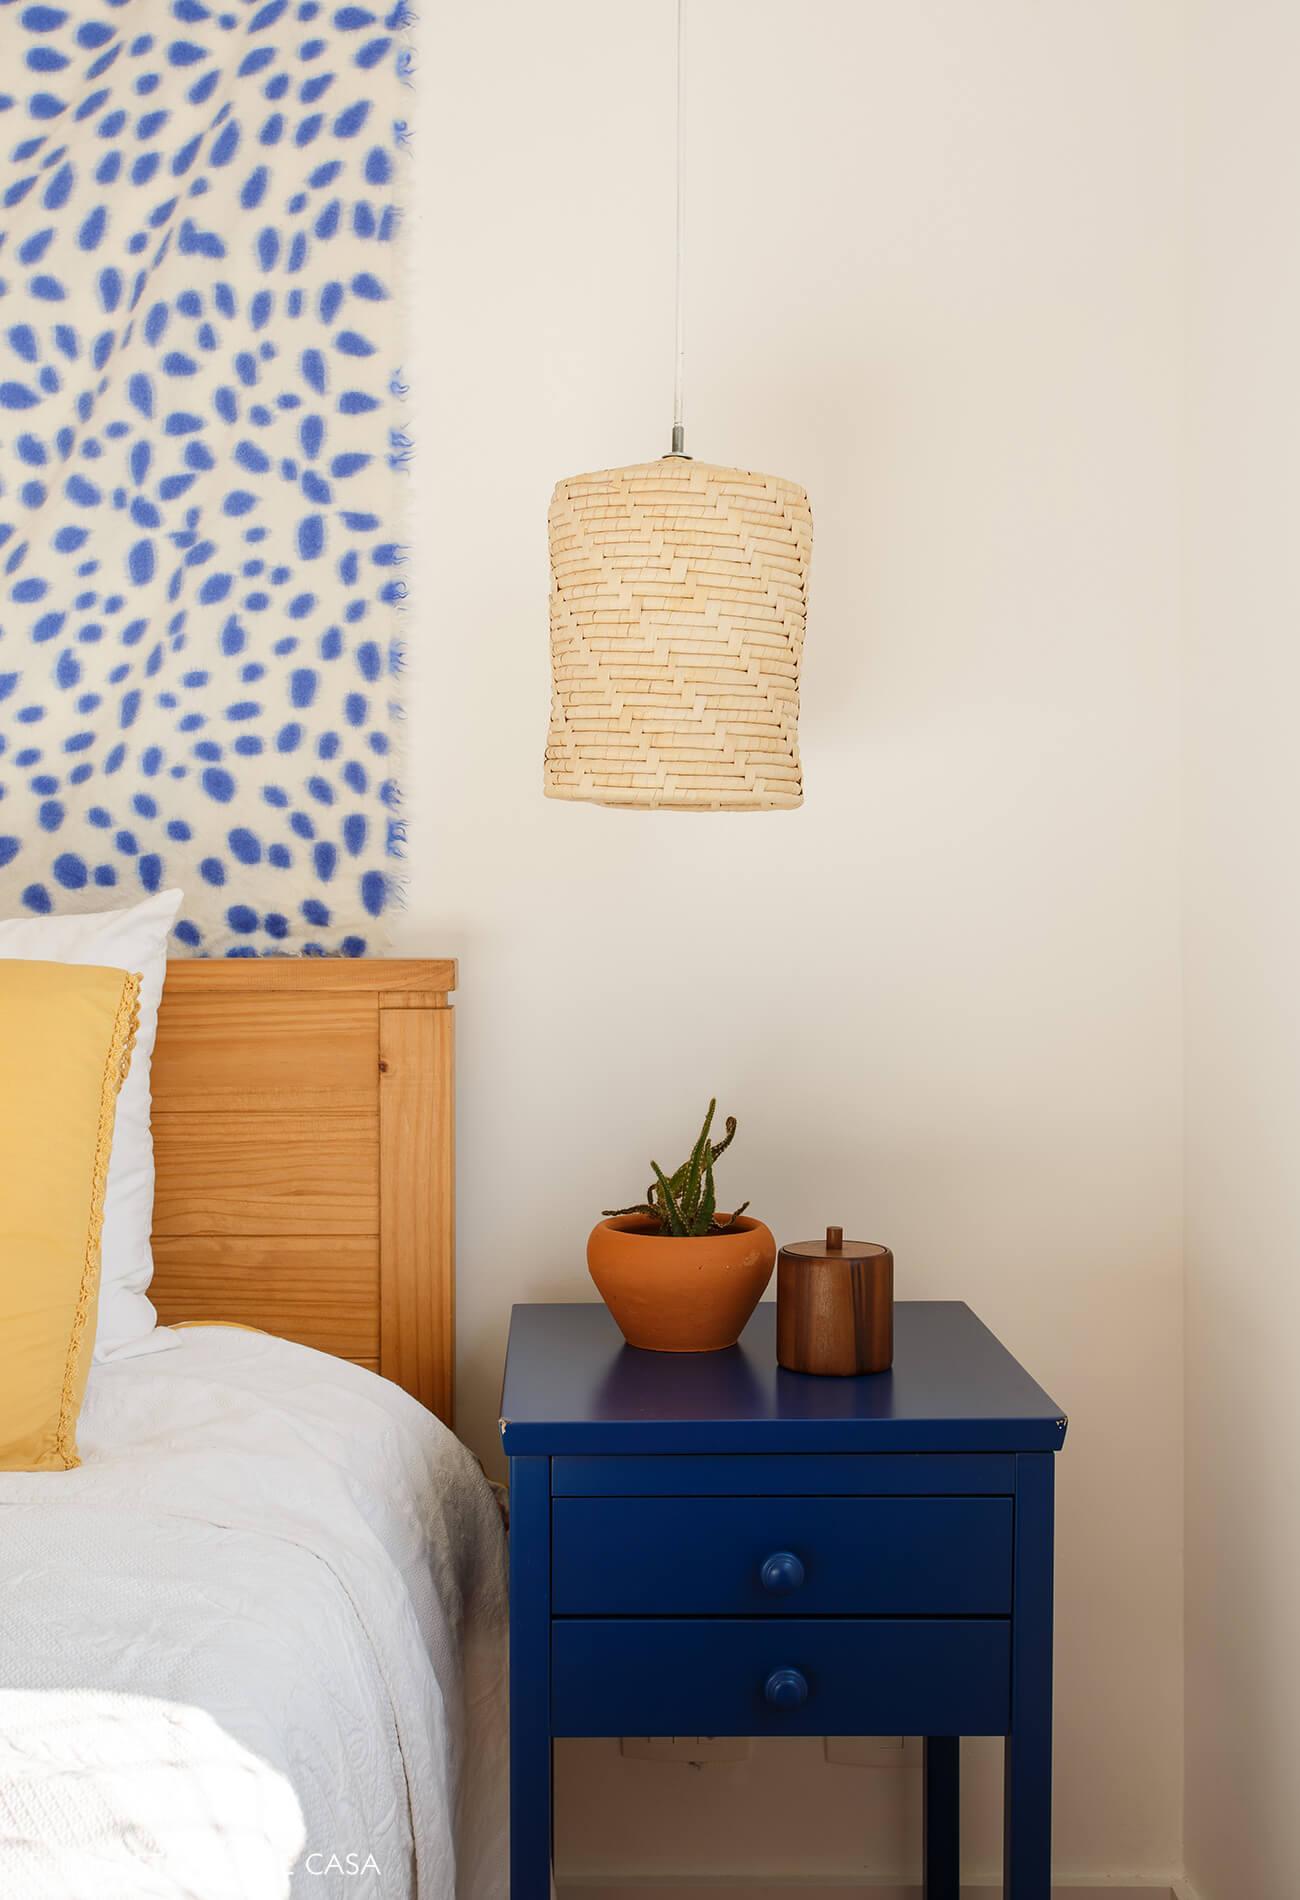 Apartamento da chef Renata Vanzetto, quarto com luminárias rústicas e praianas